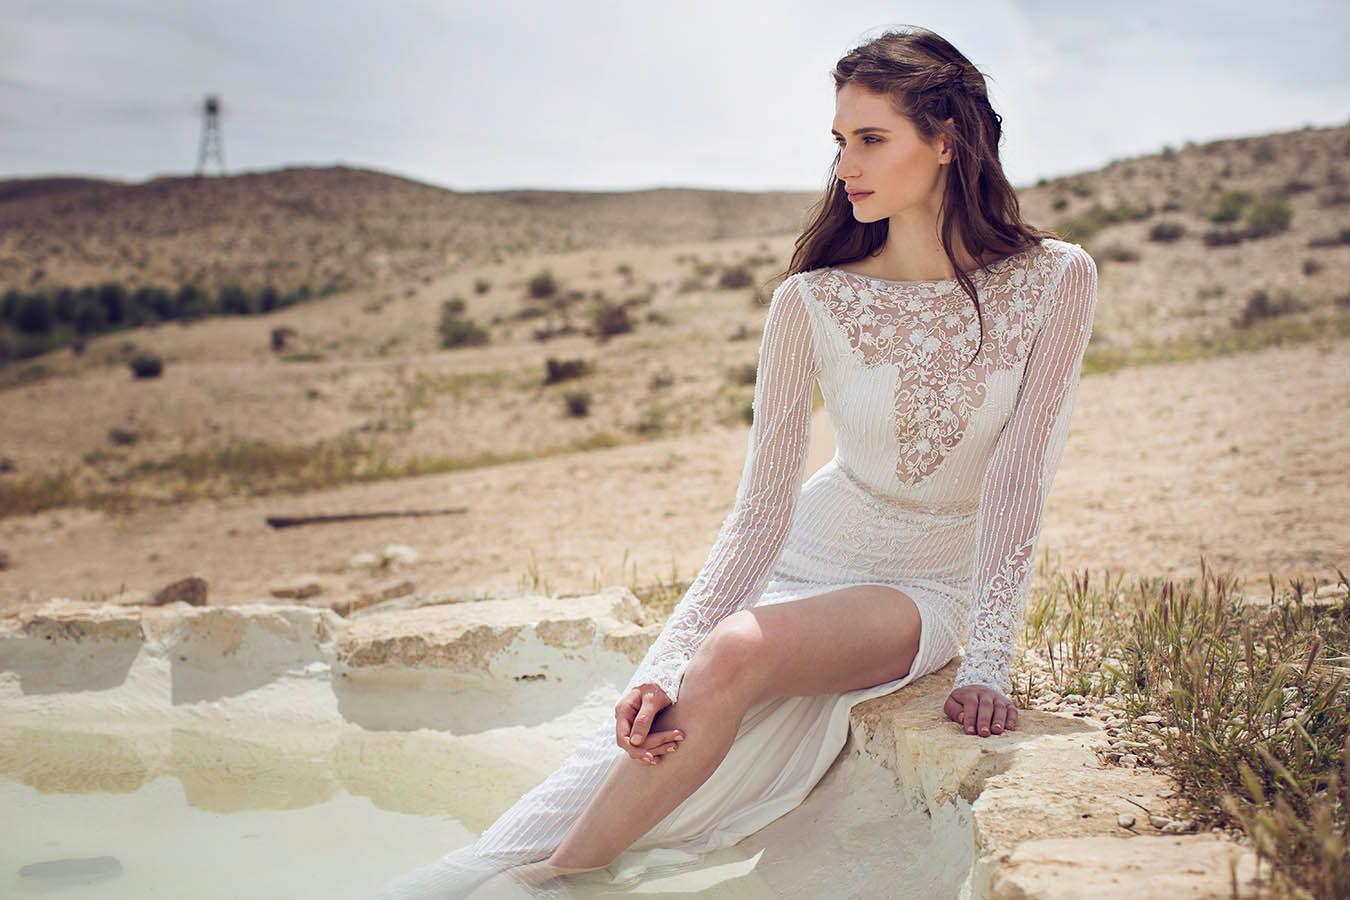 Liz_Martinez 6